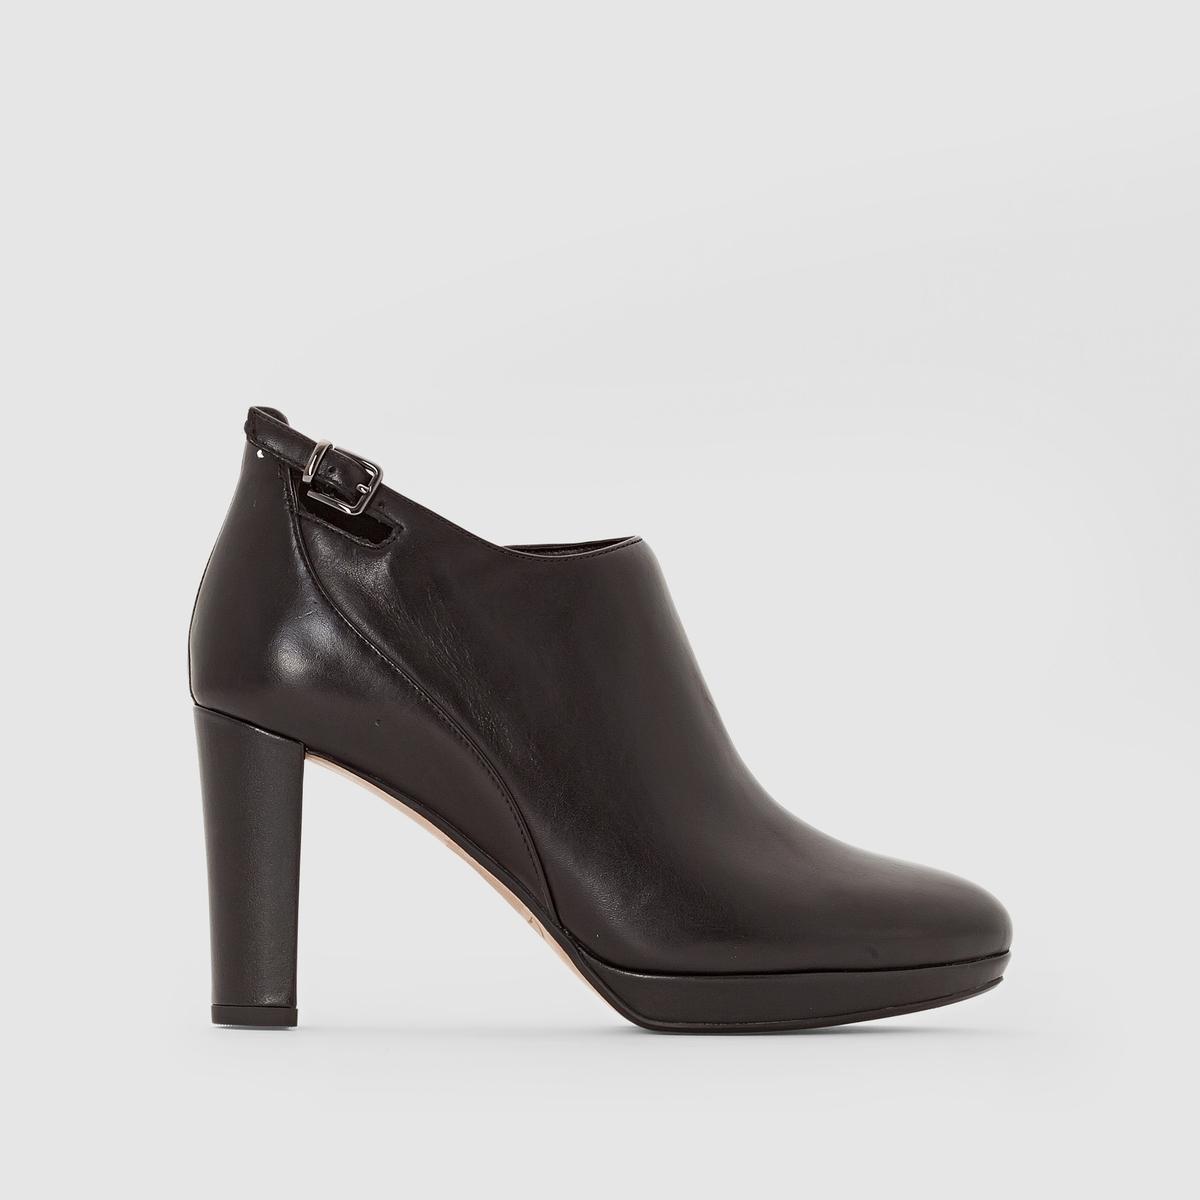 Ботильоны кожаные на каблуке, KENDRA SPICEПодкладка: Текстиль.     Стелька: Кожа.Подошва: Каучук.                       Высота голенища: 10 см.Форма каблука: Широкая.Мысок: Круглый.Застежка: Ремешок/пряжка.<br><br>Цвет: черный